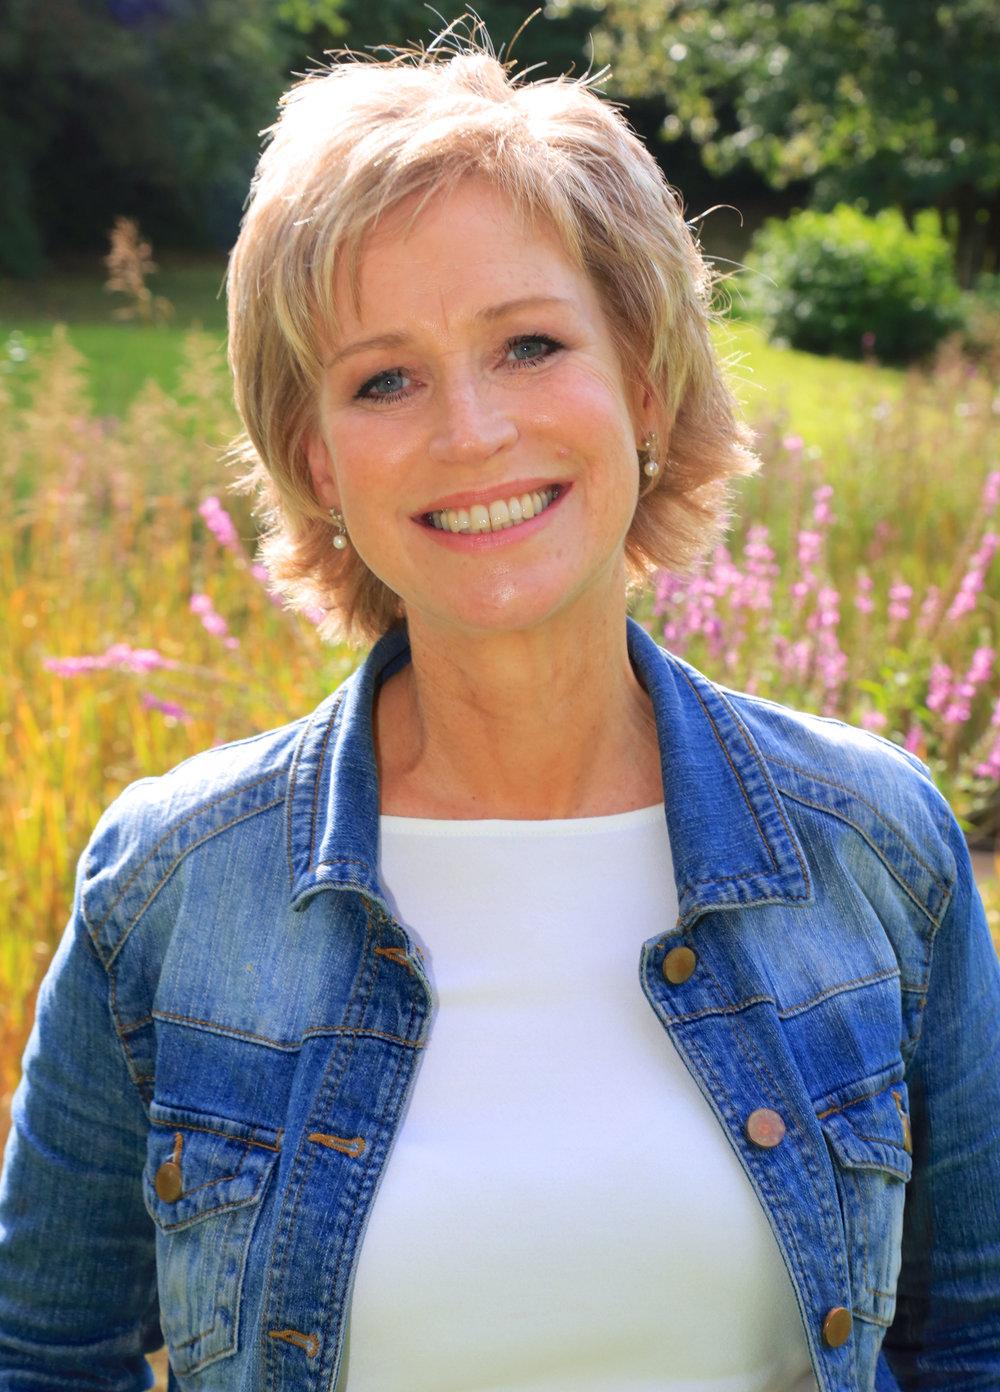 Sally Magnusson. Photo: Derek Prescott